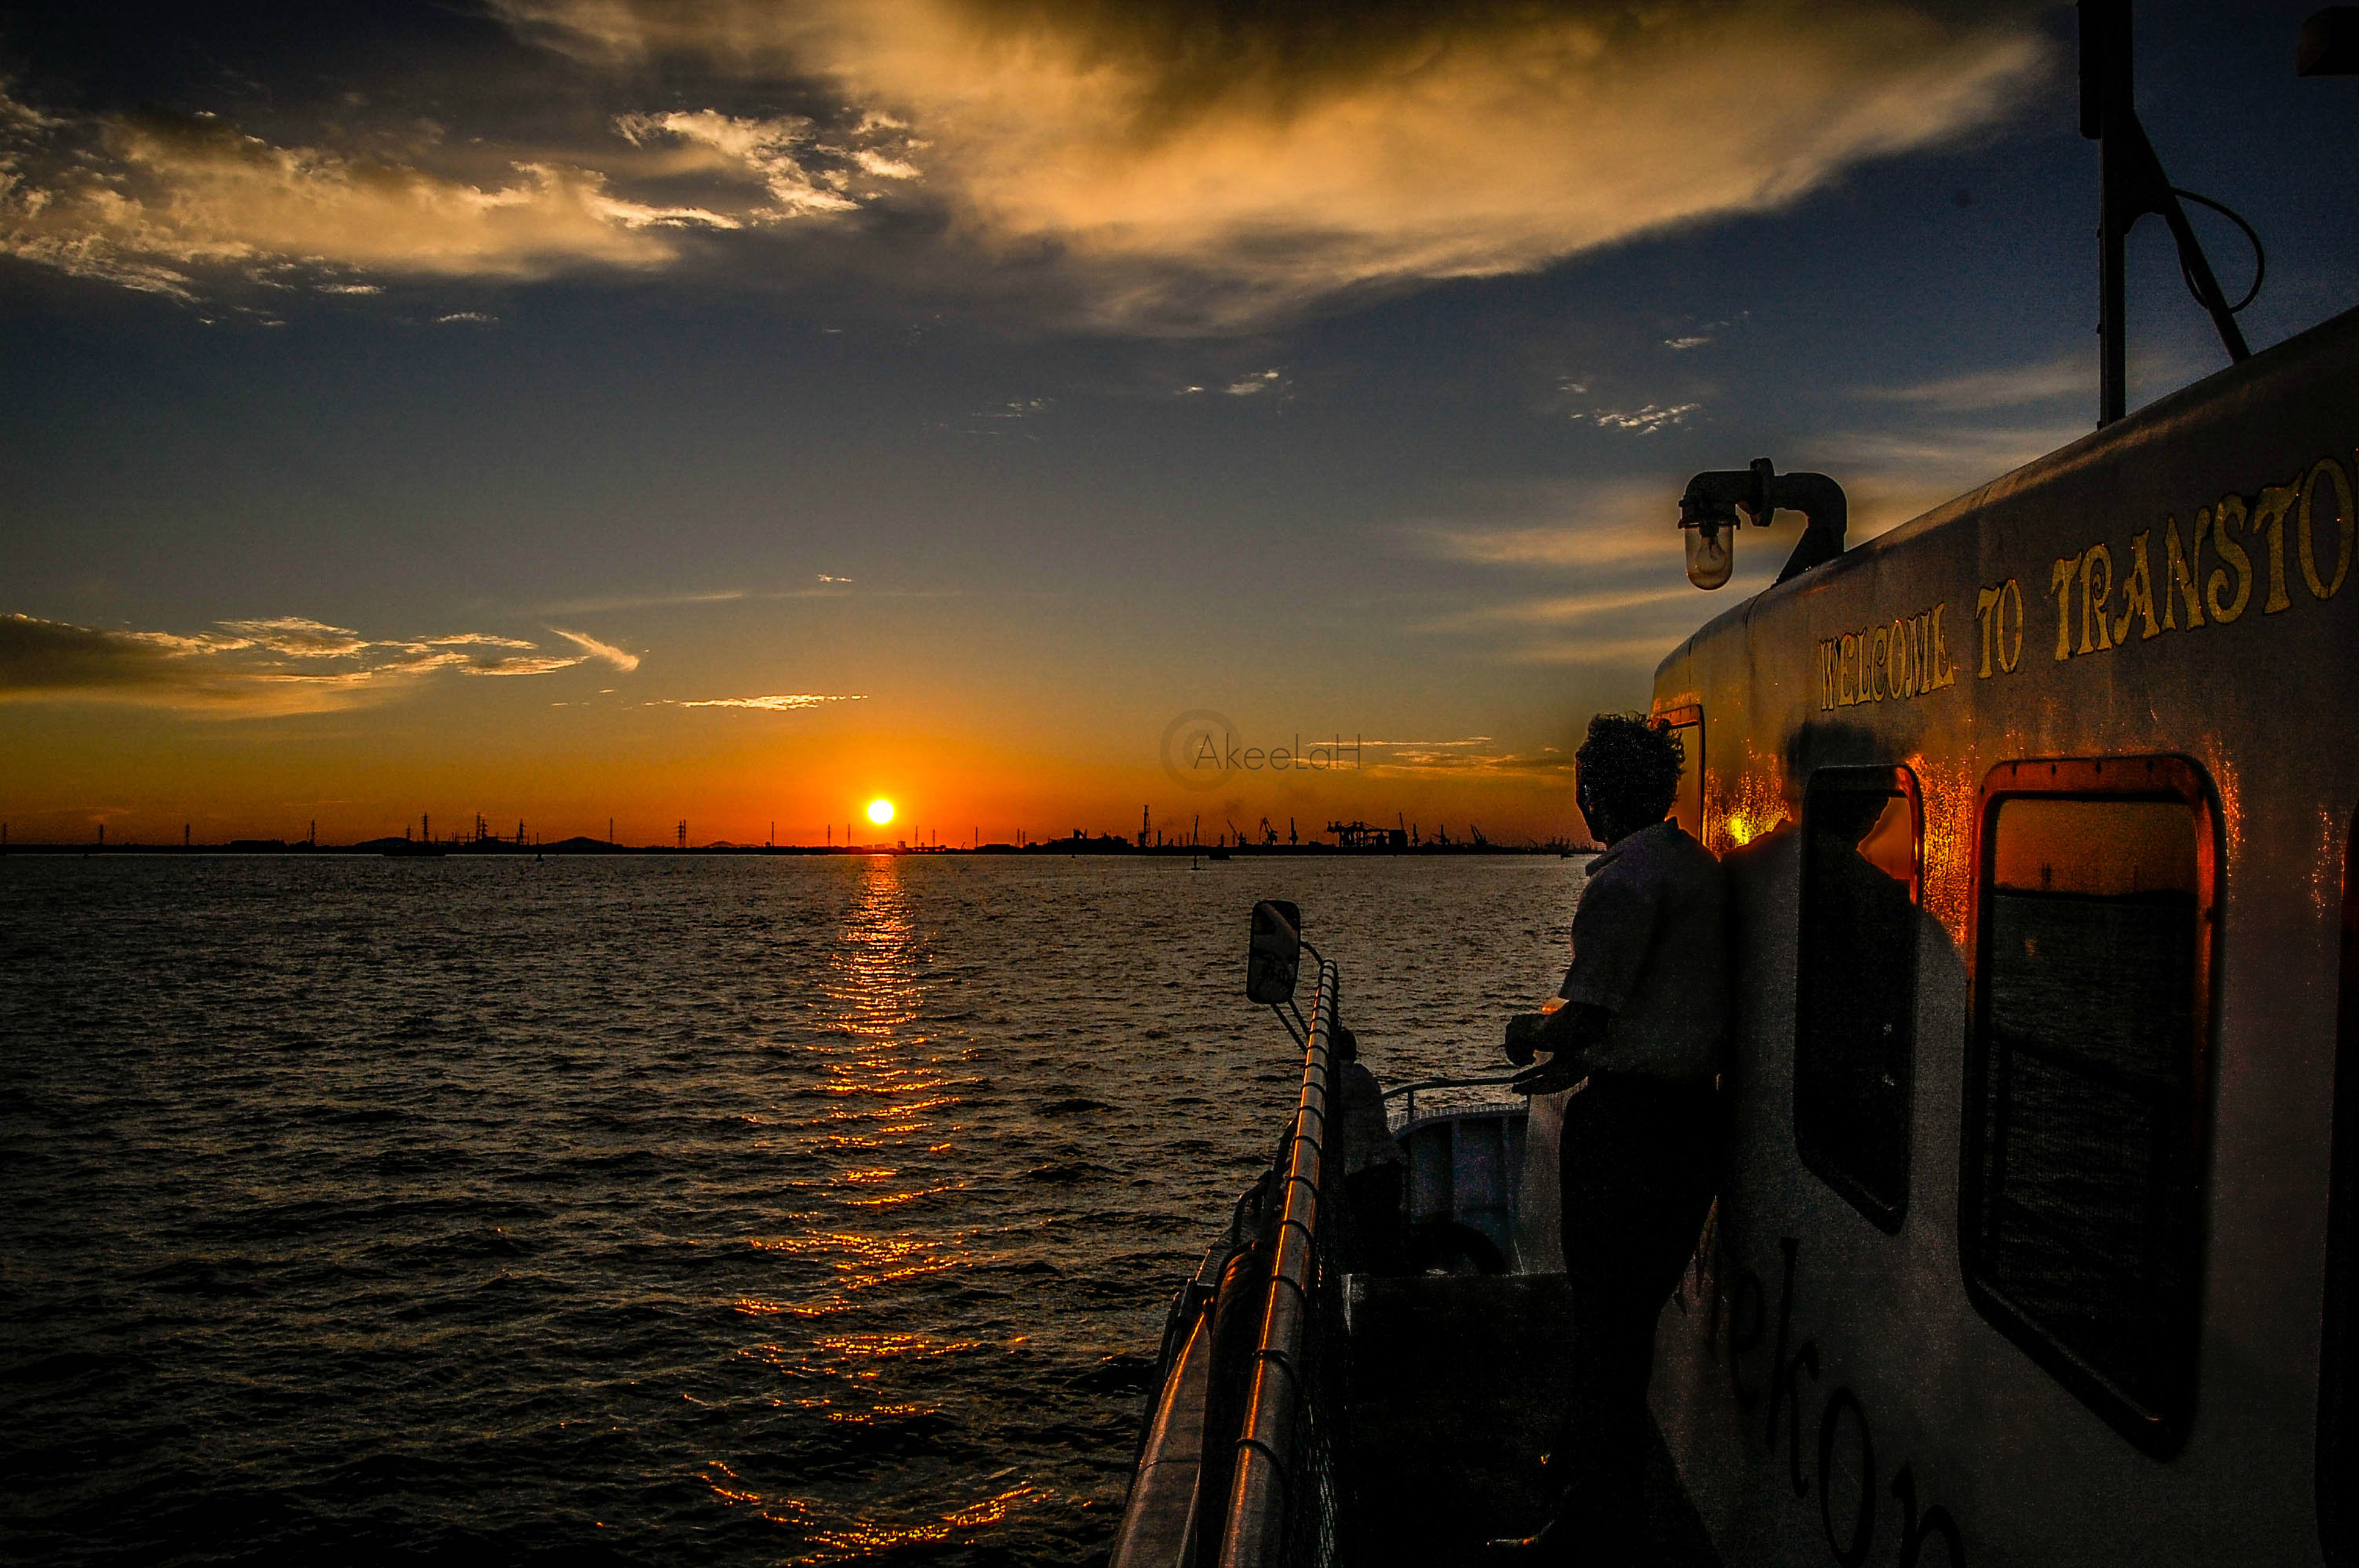 sunset, water, sky, sea, cloud - sky, transportation, nautical vessel, orange color, silhouette, mode of transport, scenics, sun, beauty in nature, horizon over water, nature, boat, cloud, tranquility, tranquil scene